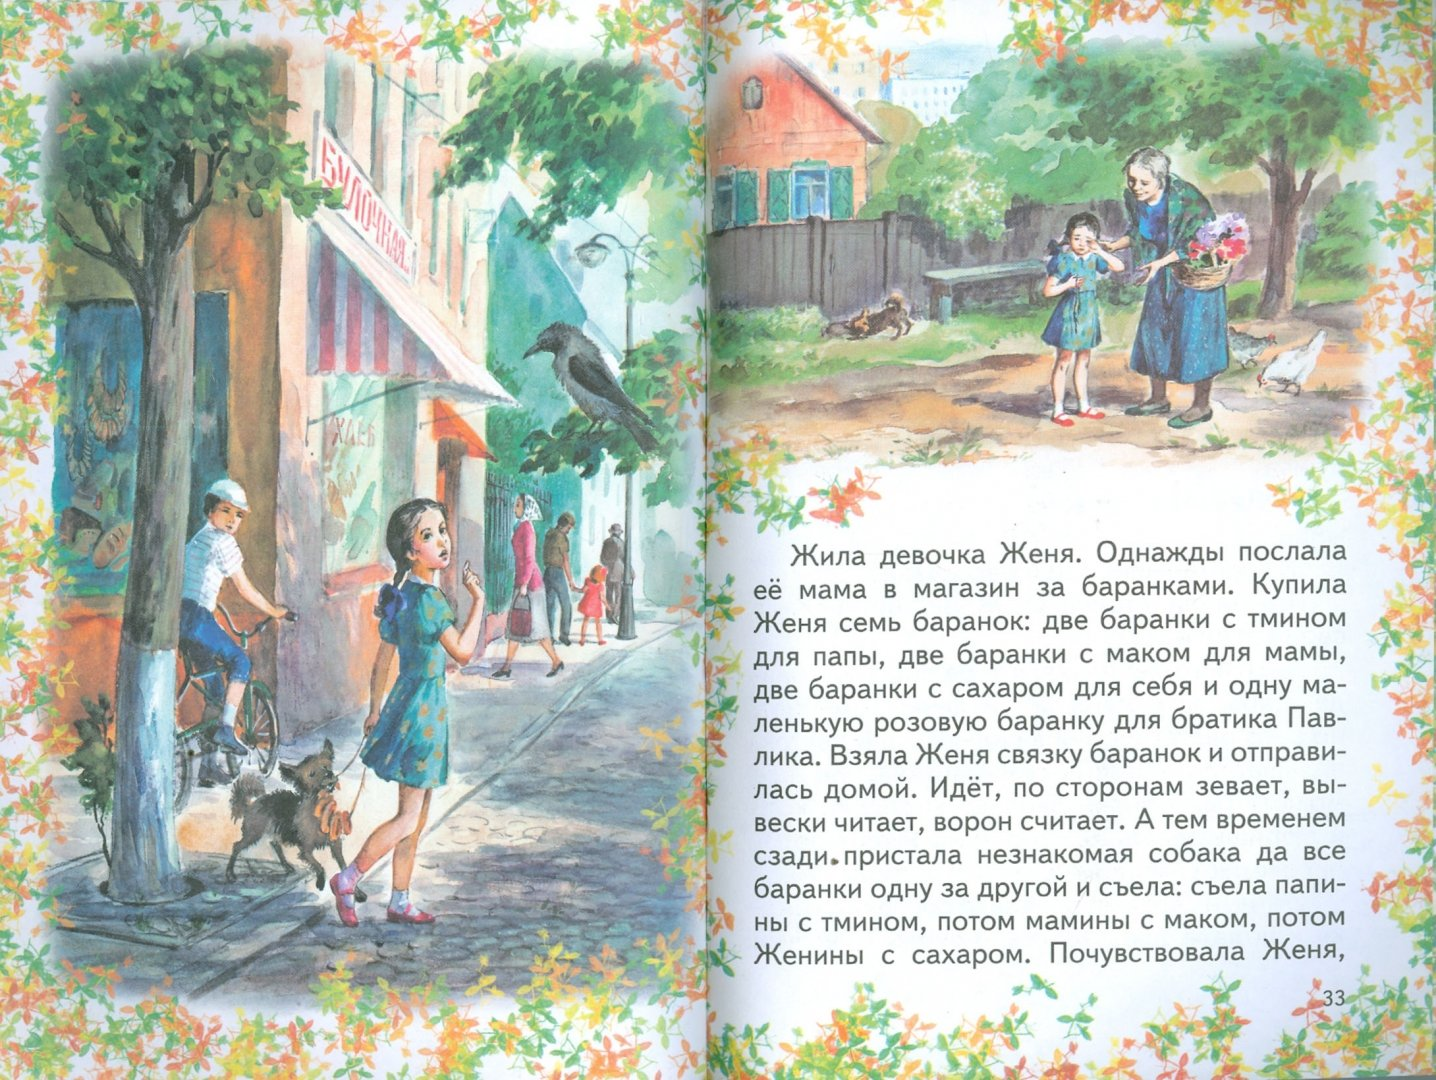 Иллюстрация 1 из 14 для Цветик-семицветик - Валентин Катаев   Лабиринт - книги. Источник: Лабиринт